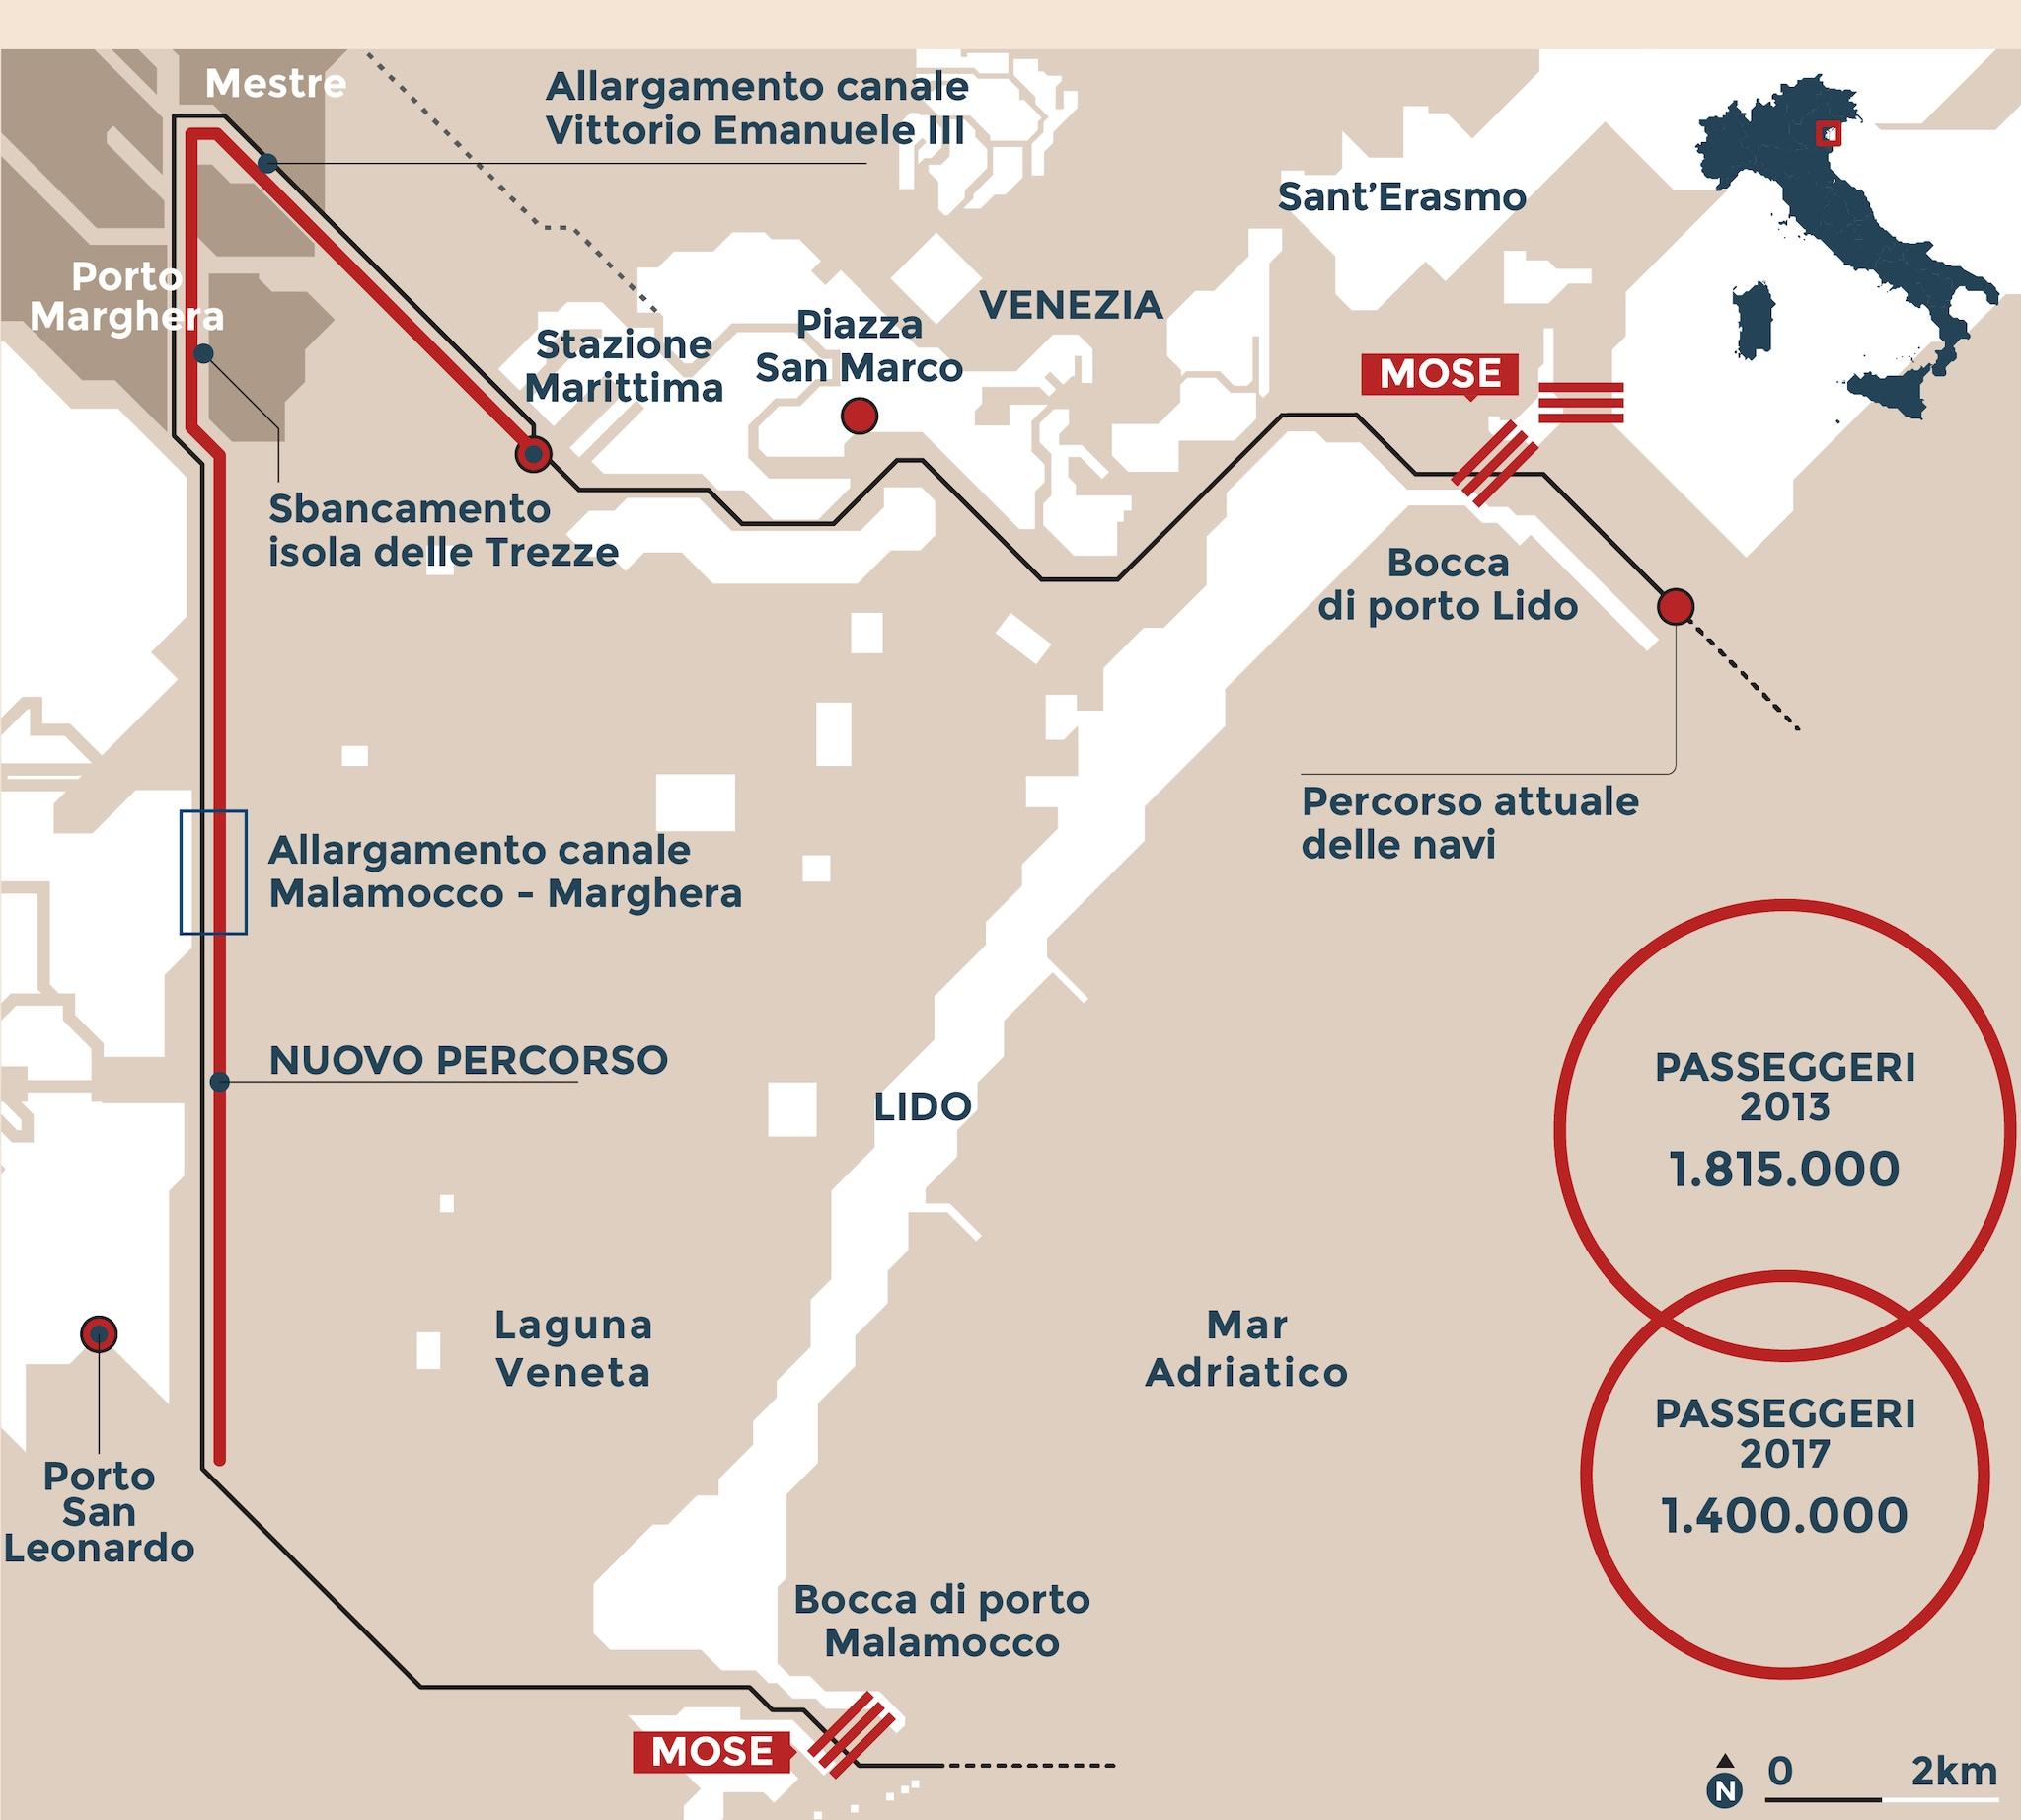 Vtp Calendario Navi.Grandi Navi A Venezia Ecco Il Piano Per Farle Passare Per